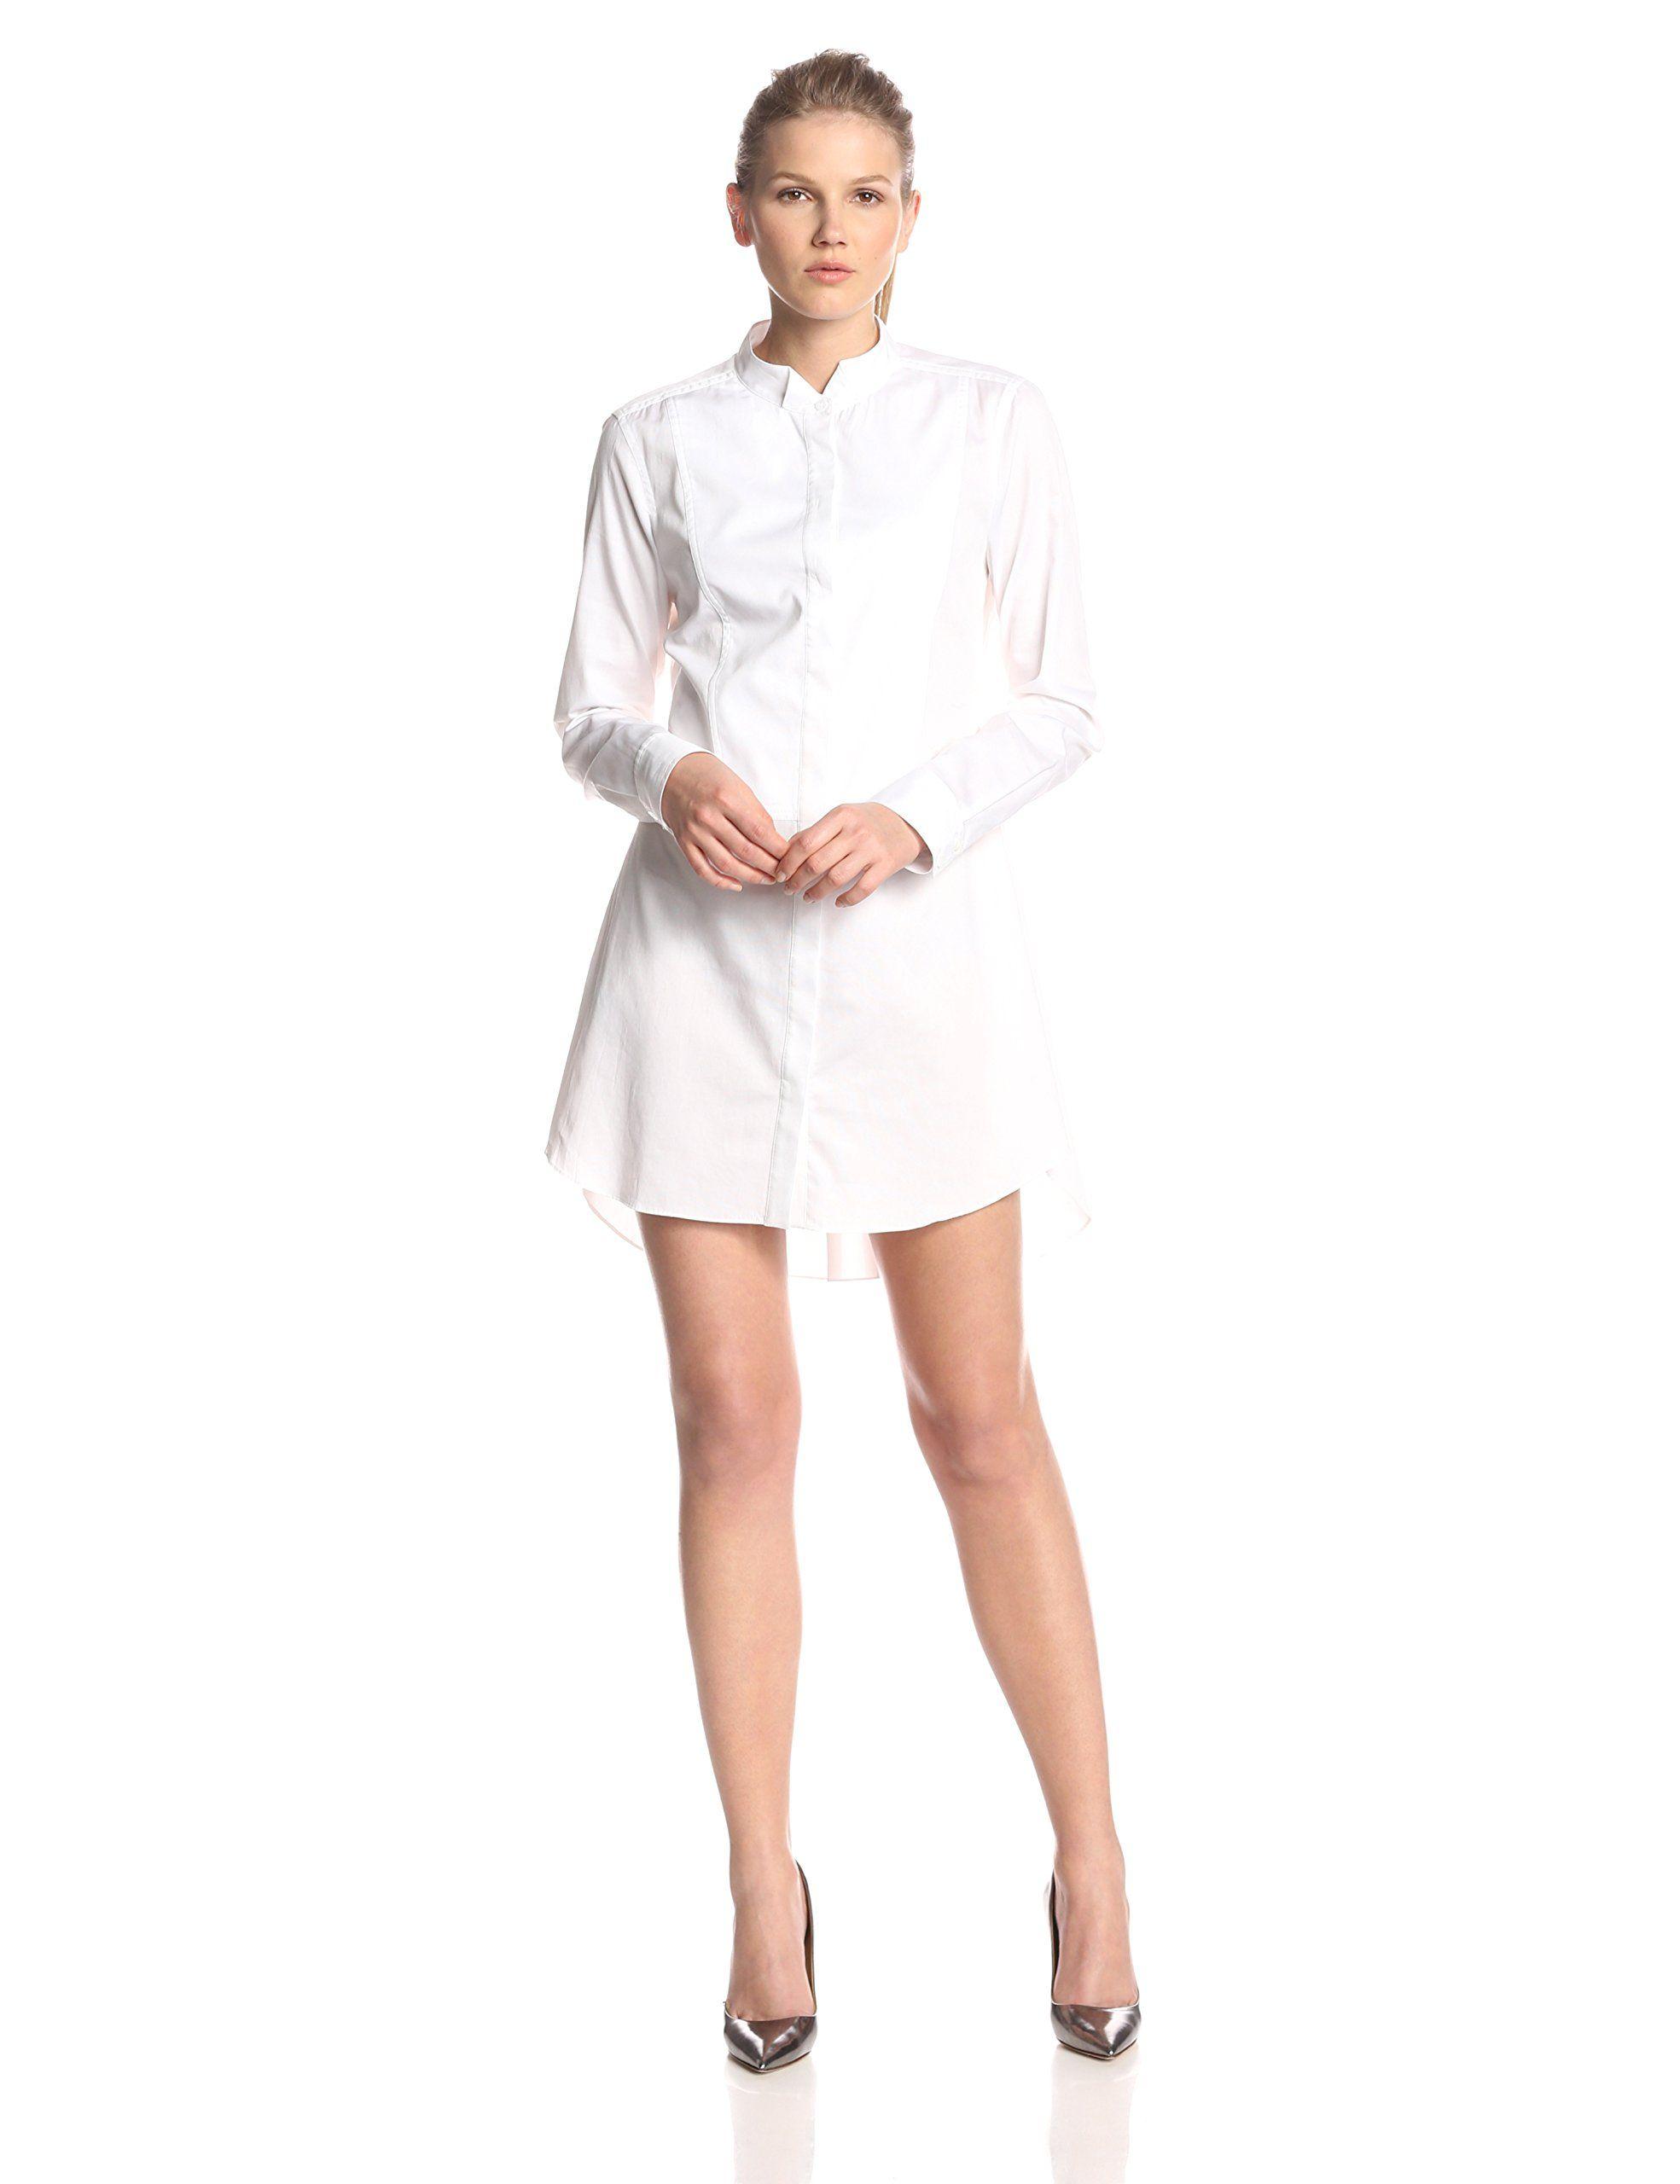 5c7226d69f Amazon.com  BCBGMAXAZRIA Women s Casie Tuxedo-Shirt Dress